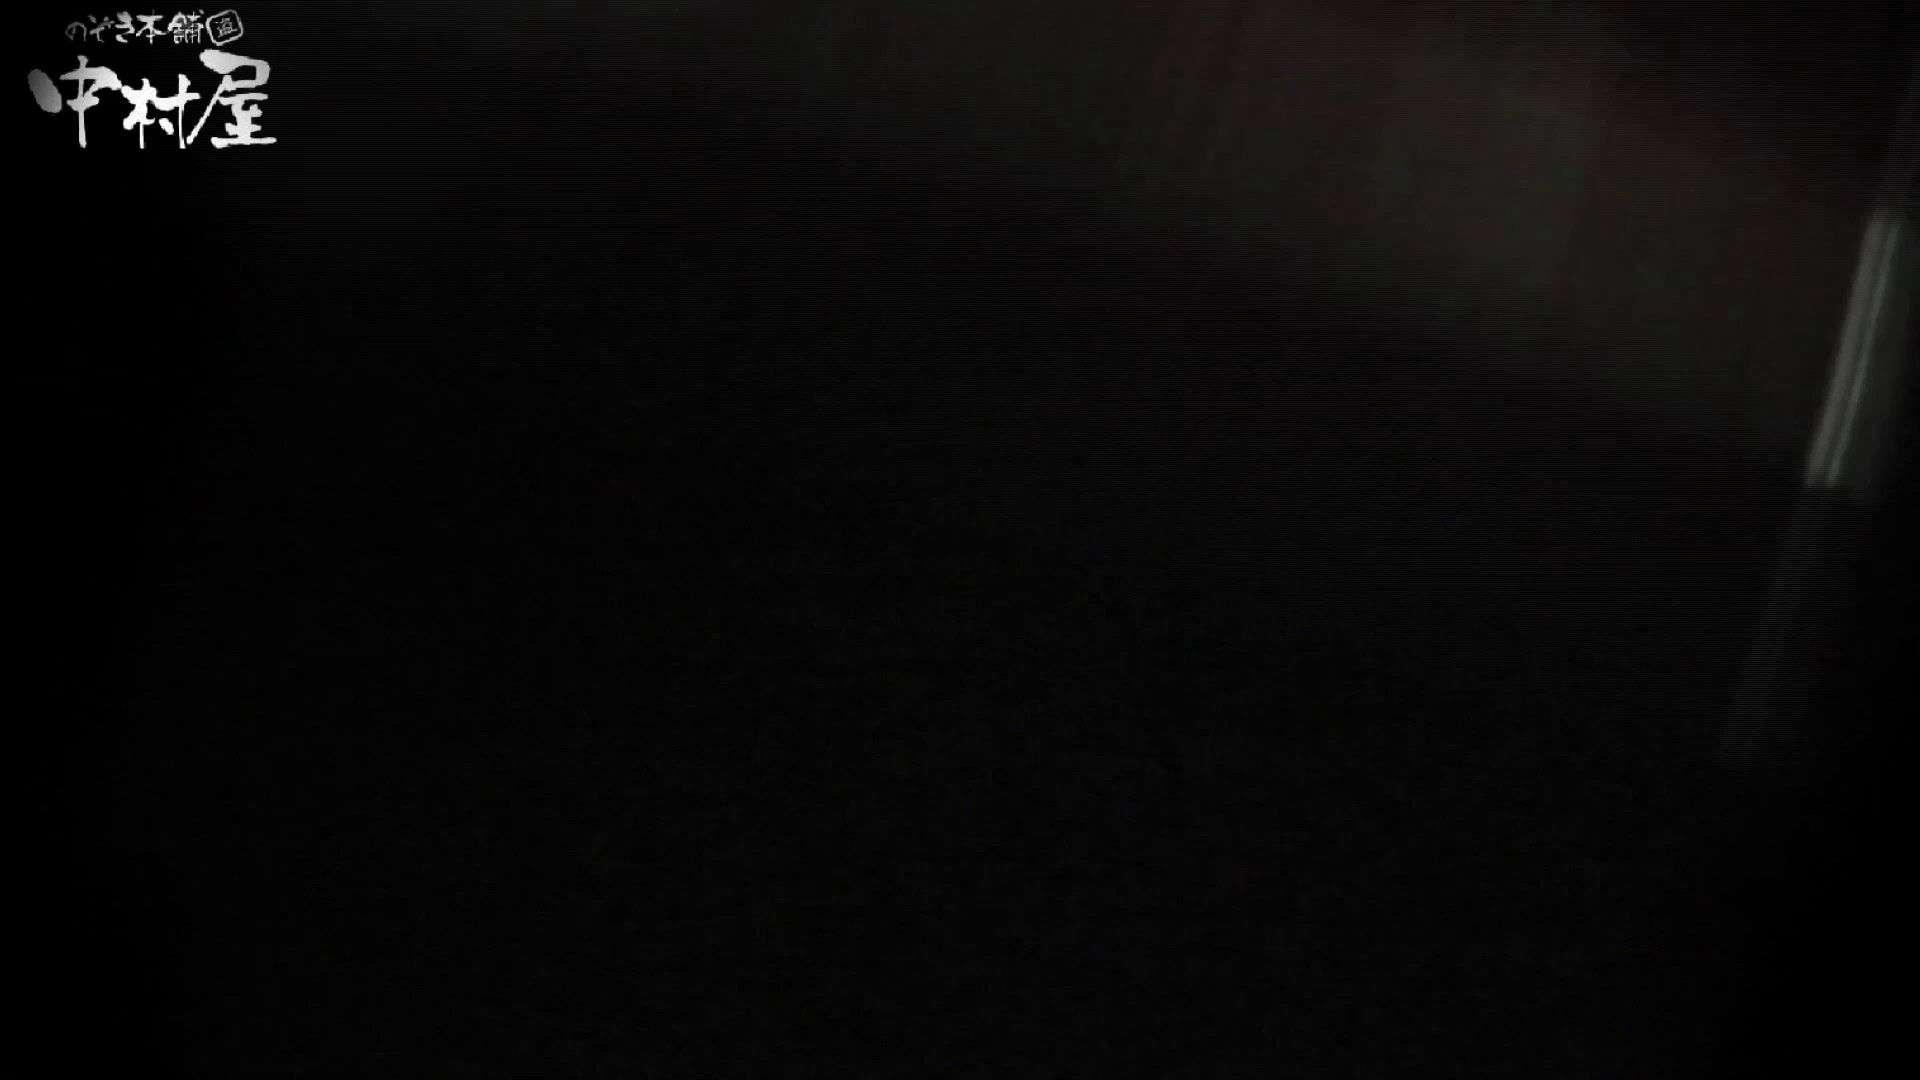 世界の射窓から~ステーション編~vol46 美女のアップが盛りだくさん。後編 美女ヌード   OLセックス  90画像 3